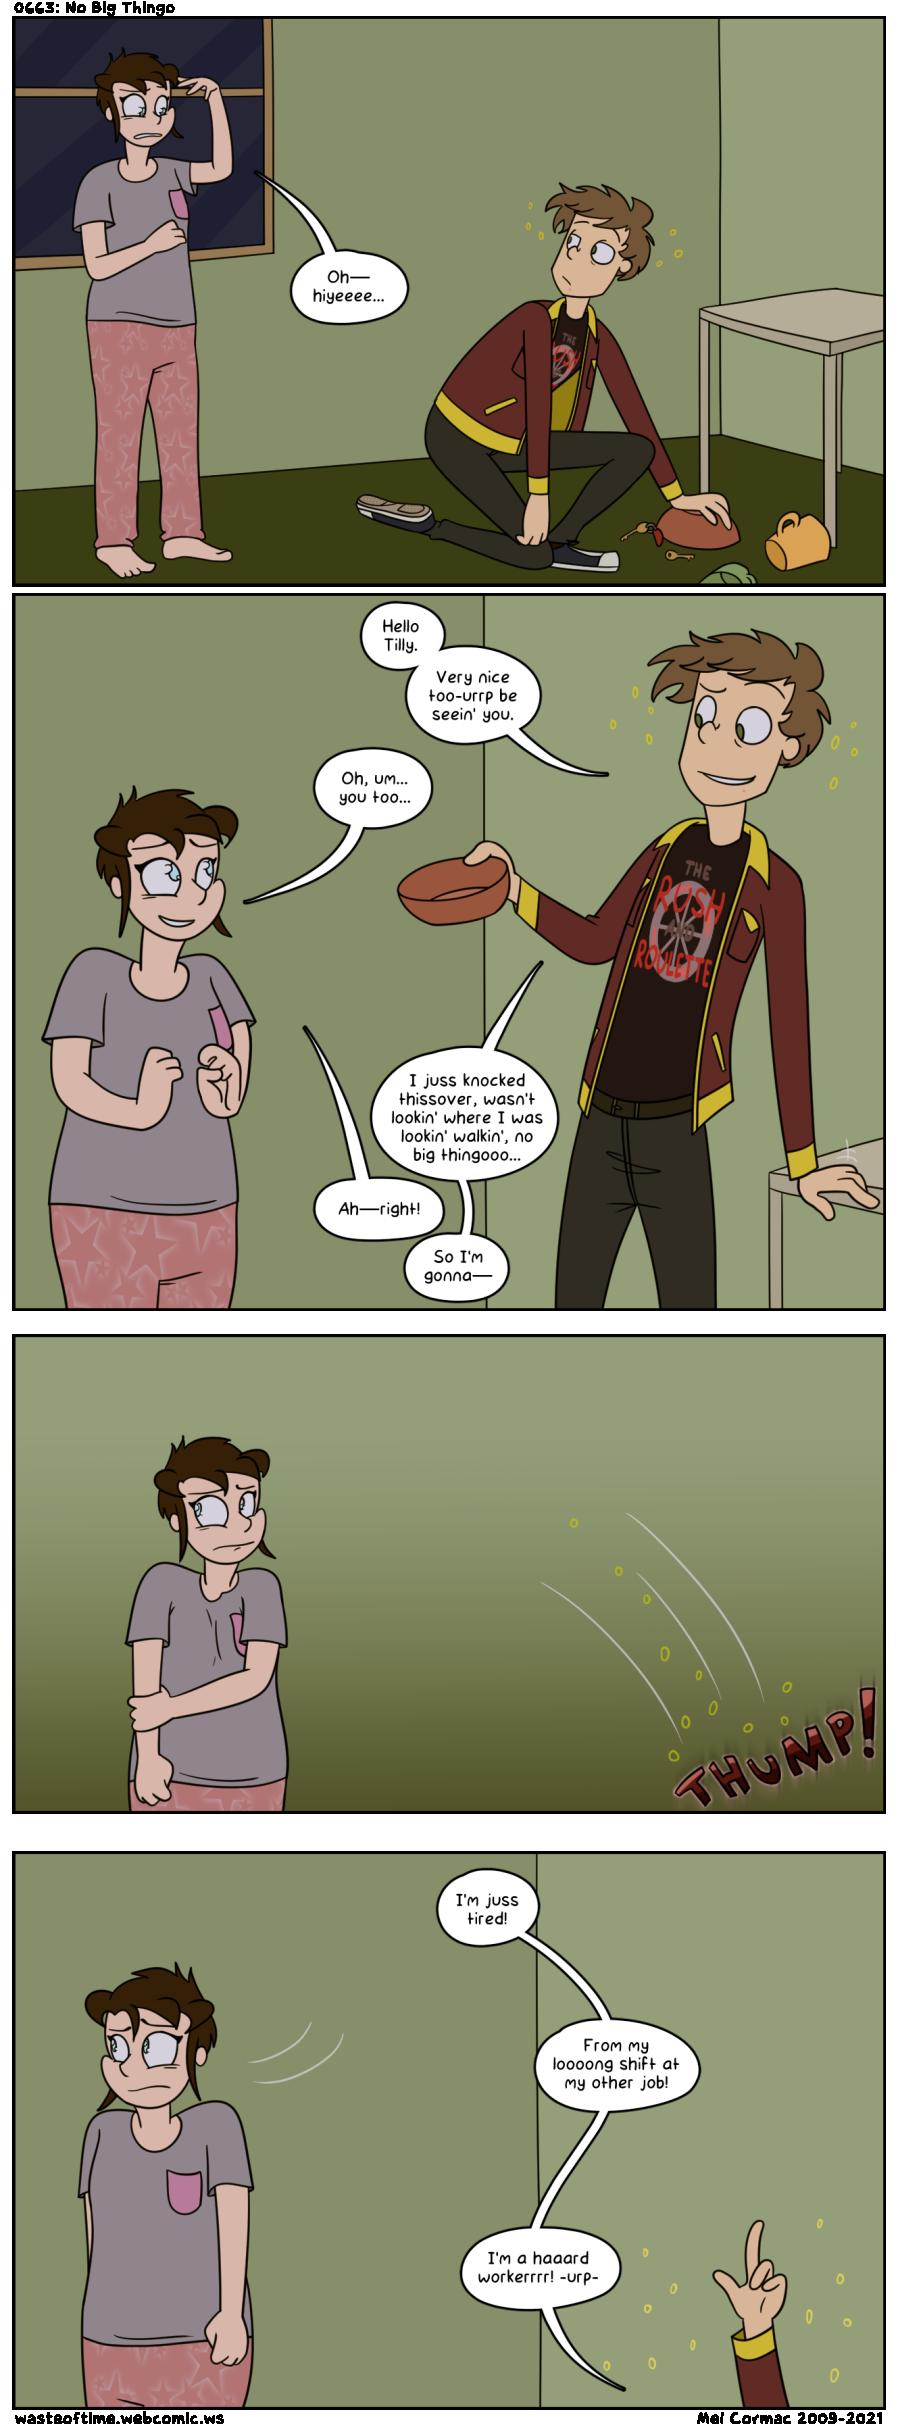 0663: No Big Thingo